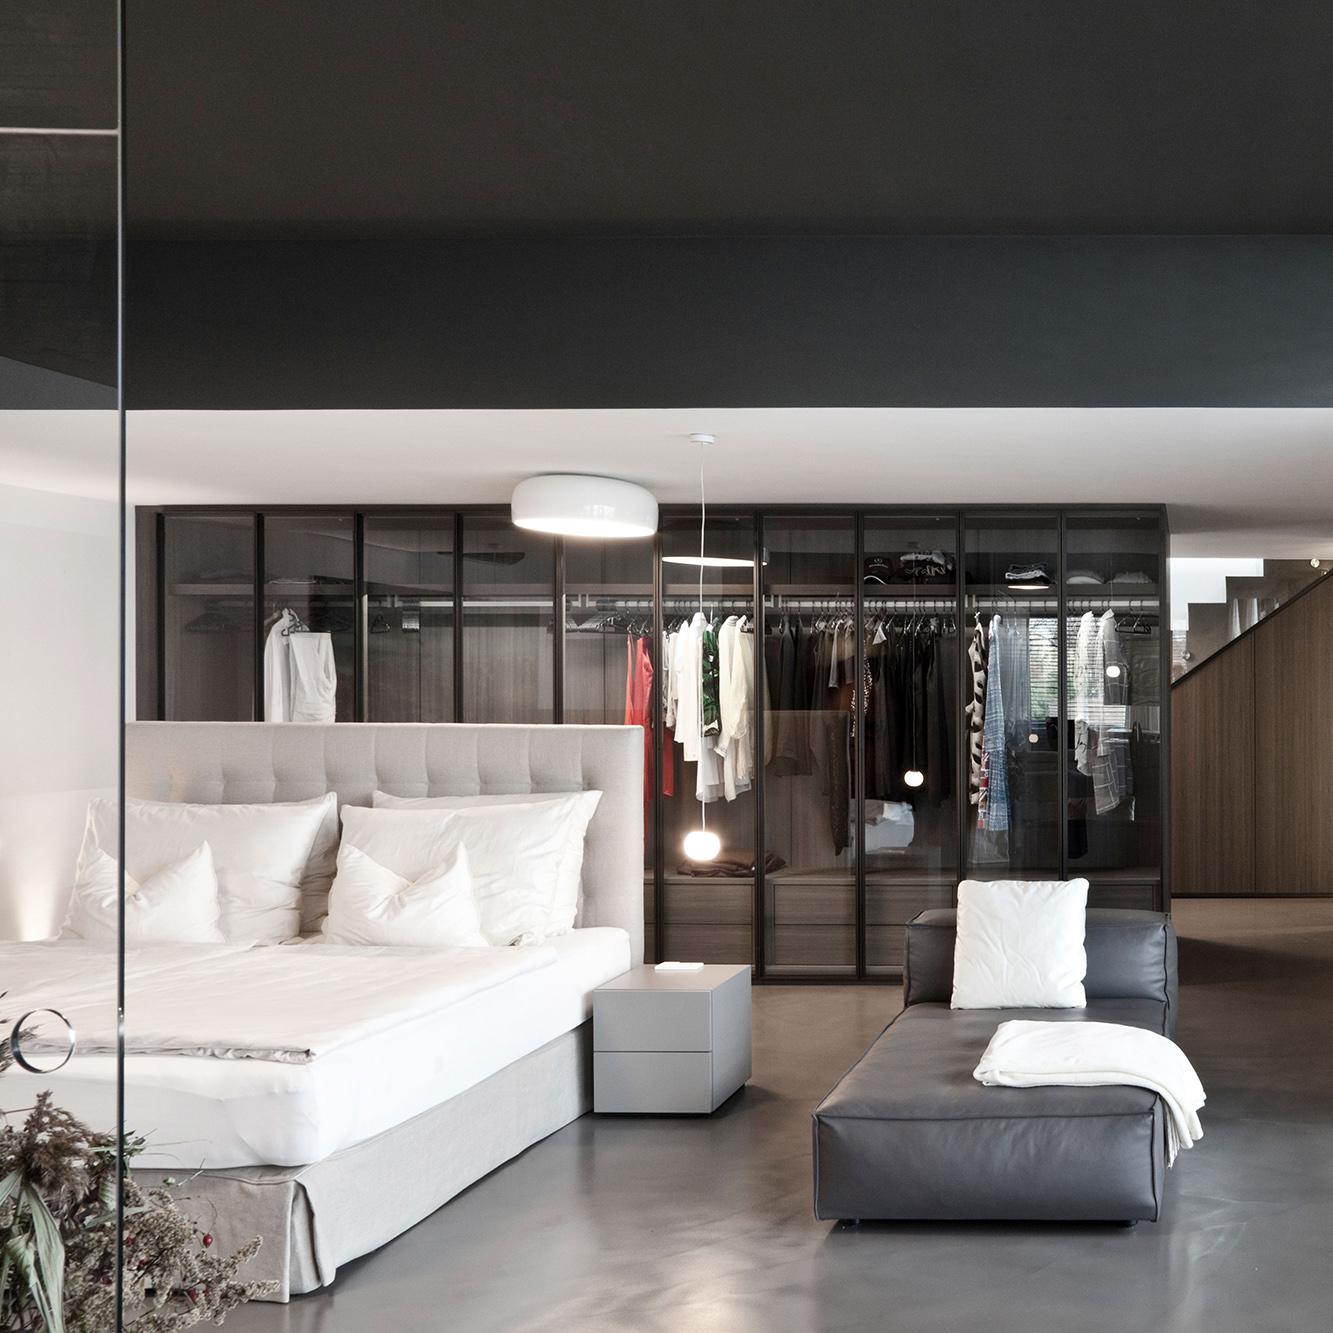 Porro, image:contract_immagini - Porro Spa - Storage as architectural element - Wien (Austria)